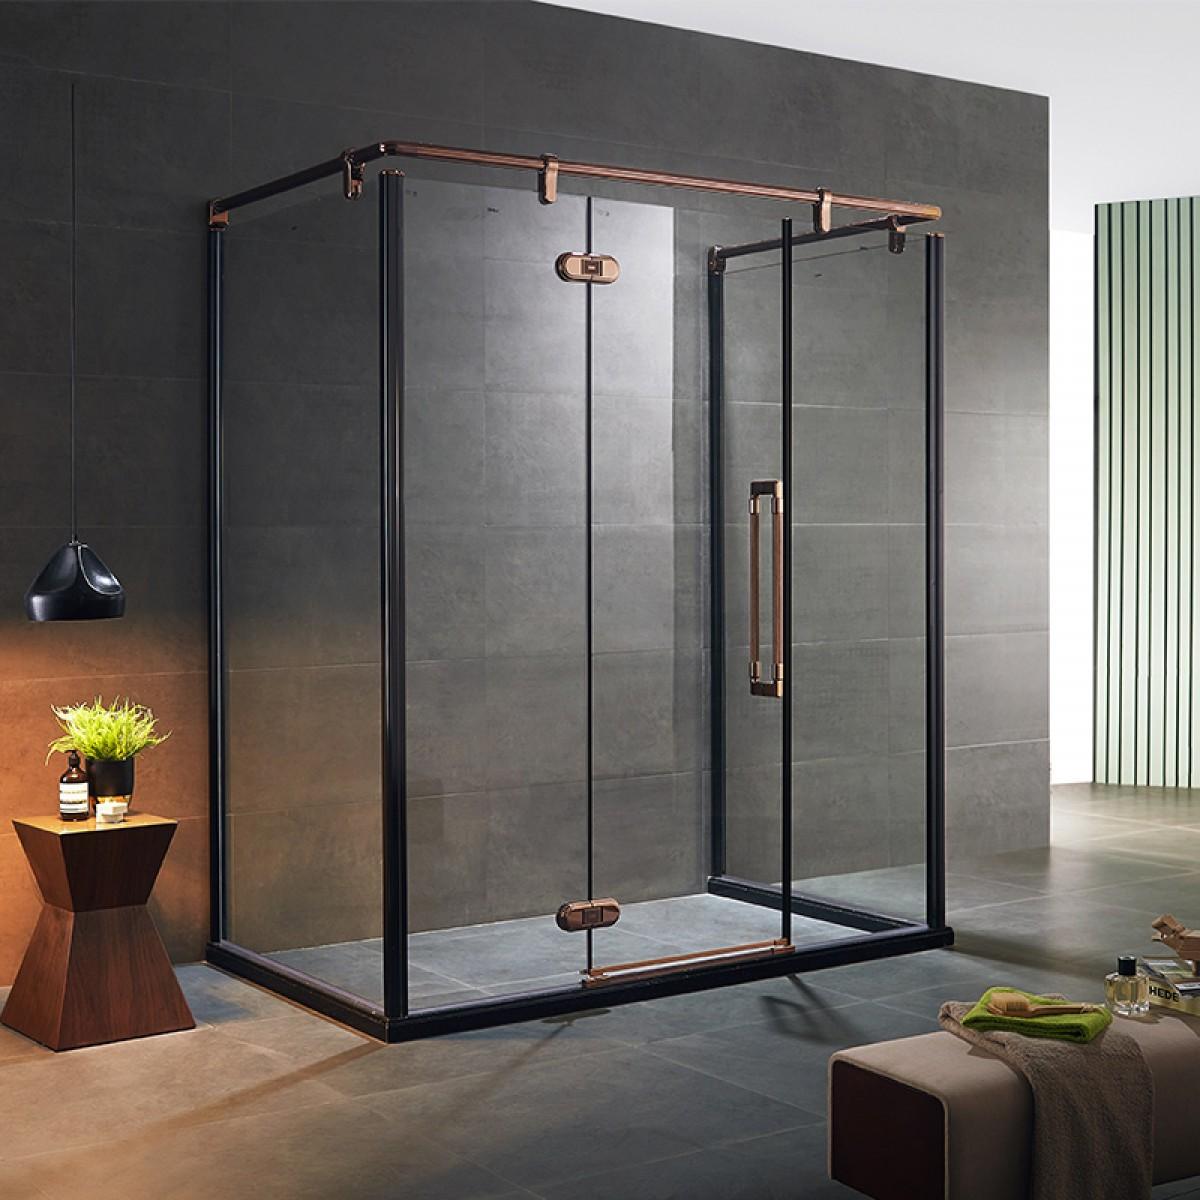 朗斯 博恩系列  淋浴房定制 钢化玻璃 防爆膜 上门 安装